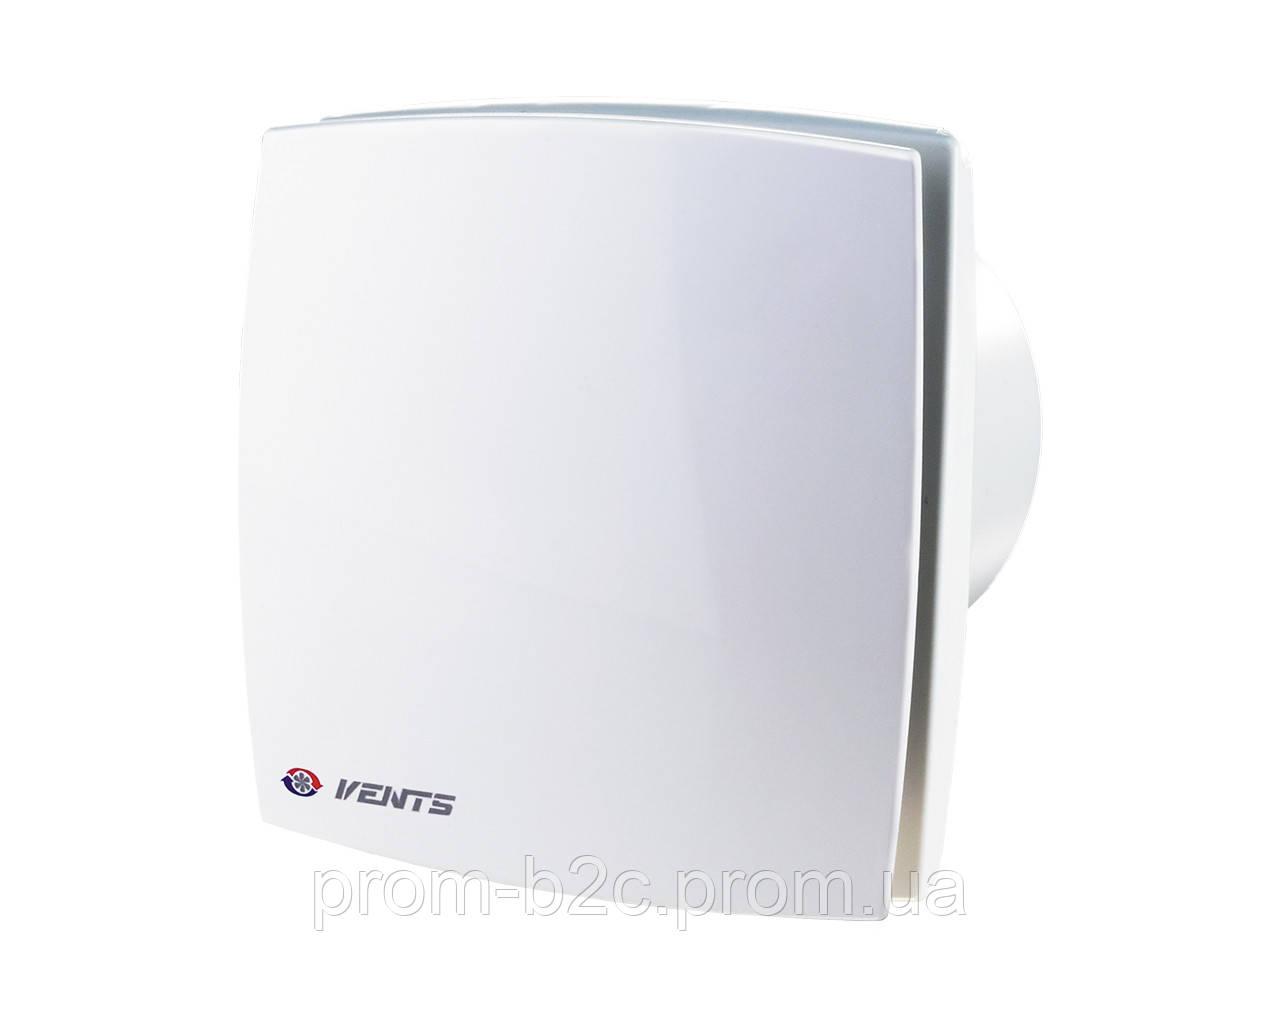 Вентилятор Вентс 100 ЛДТН